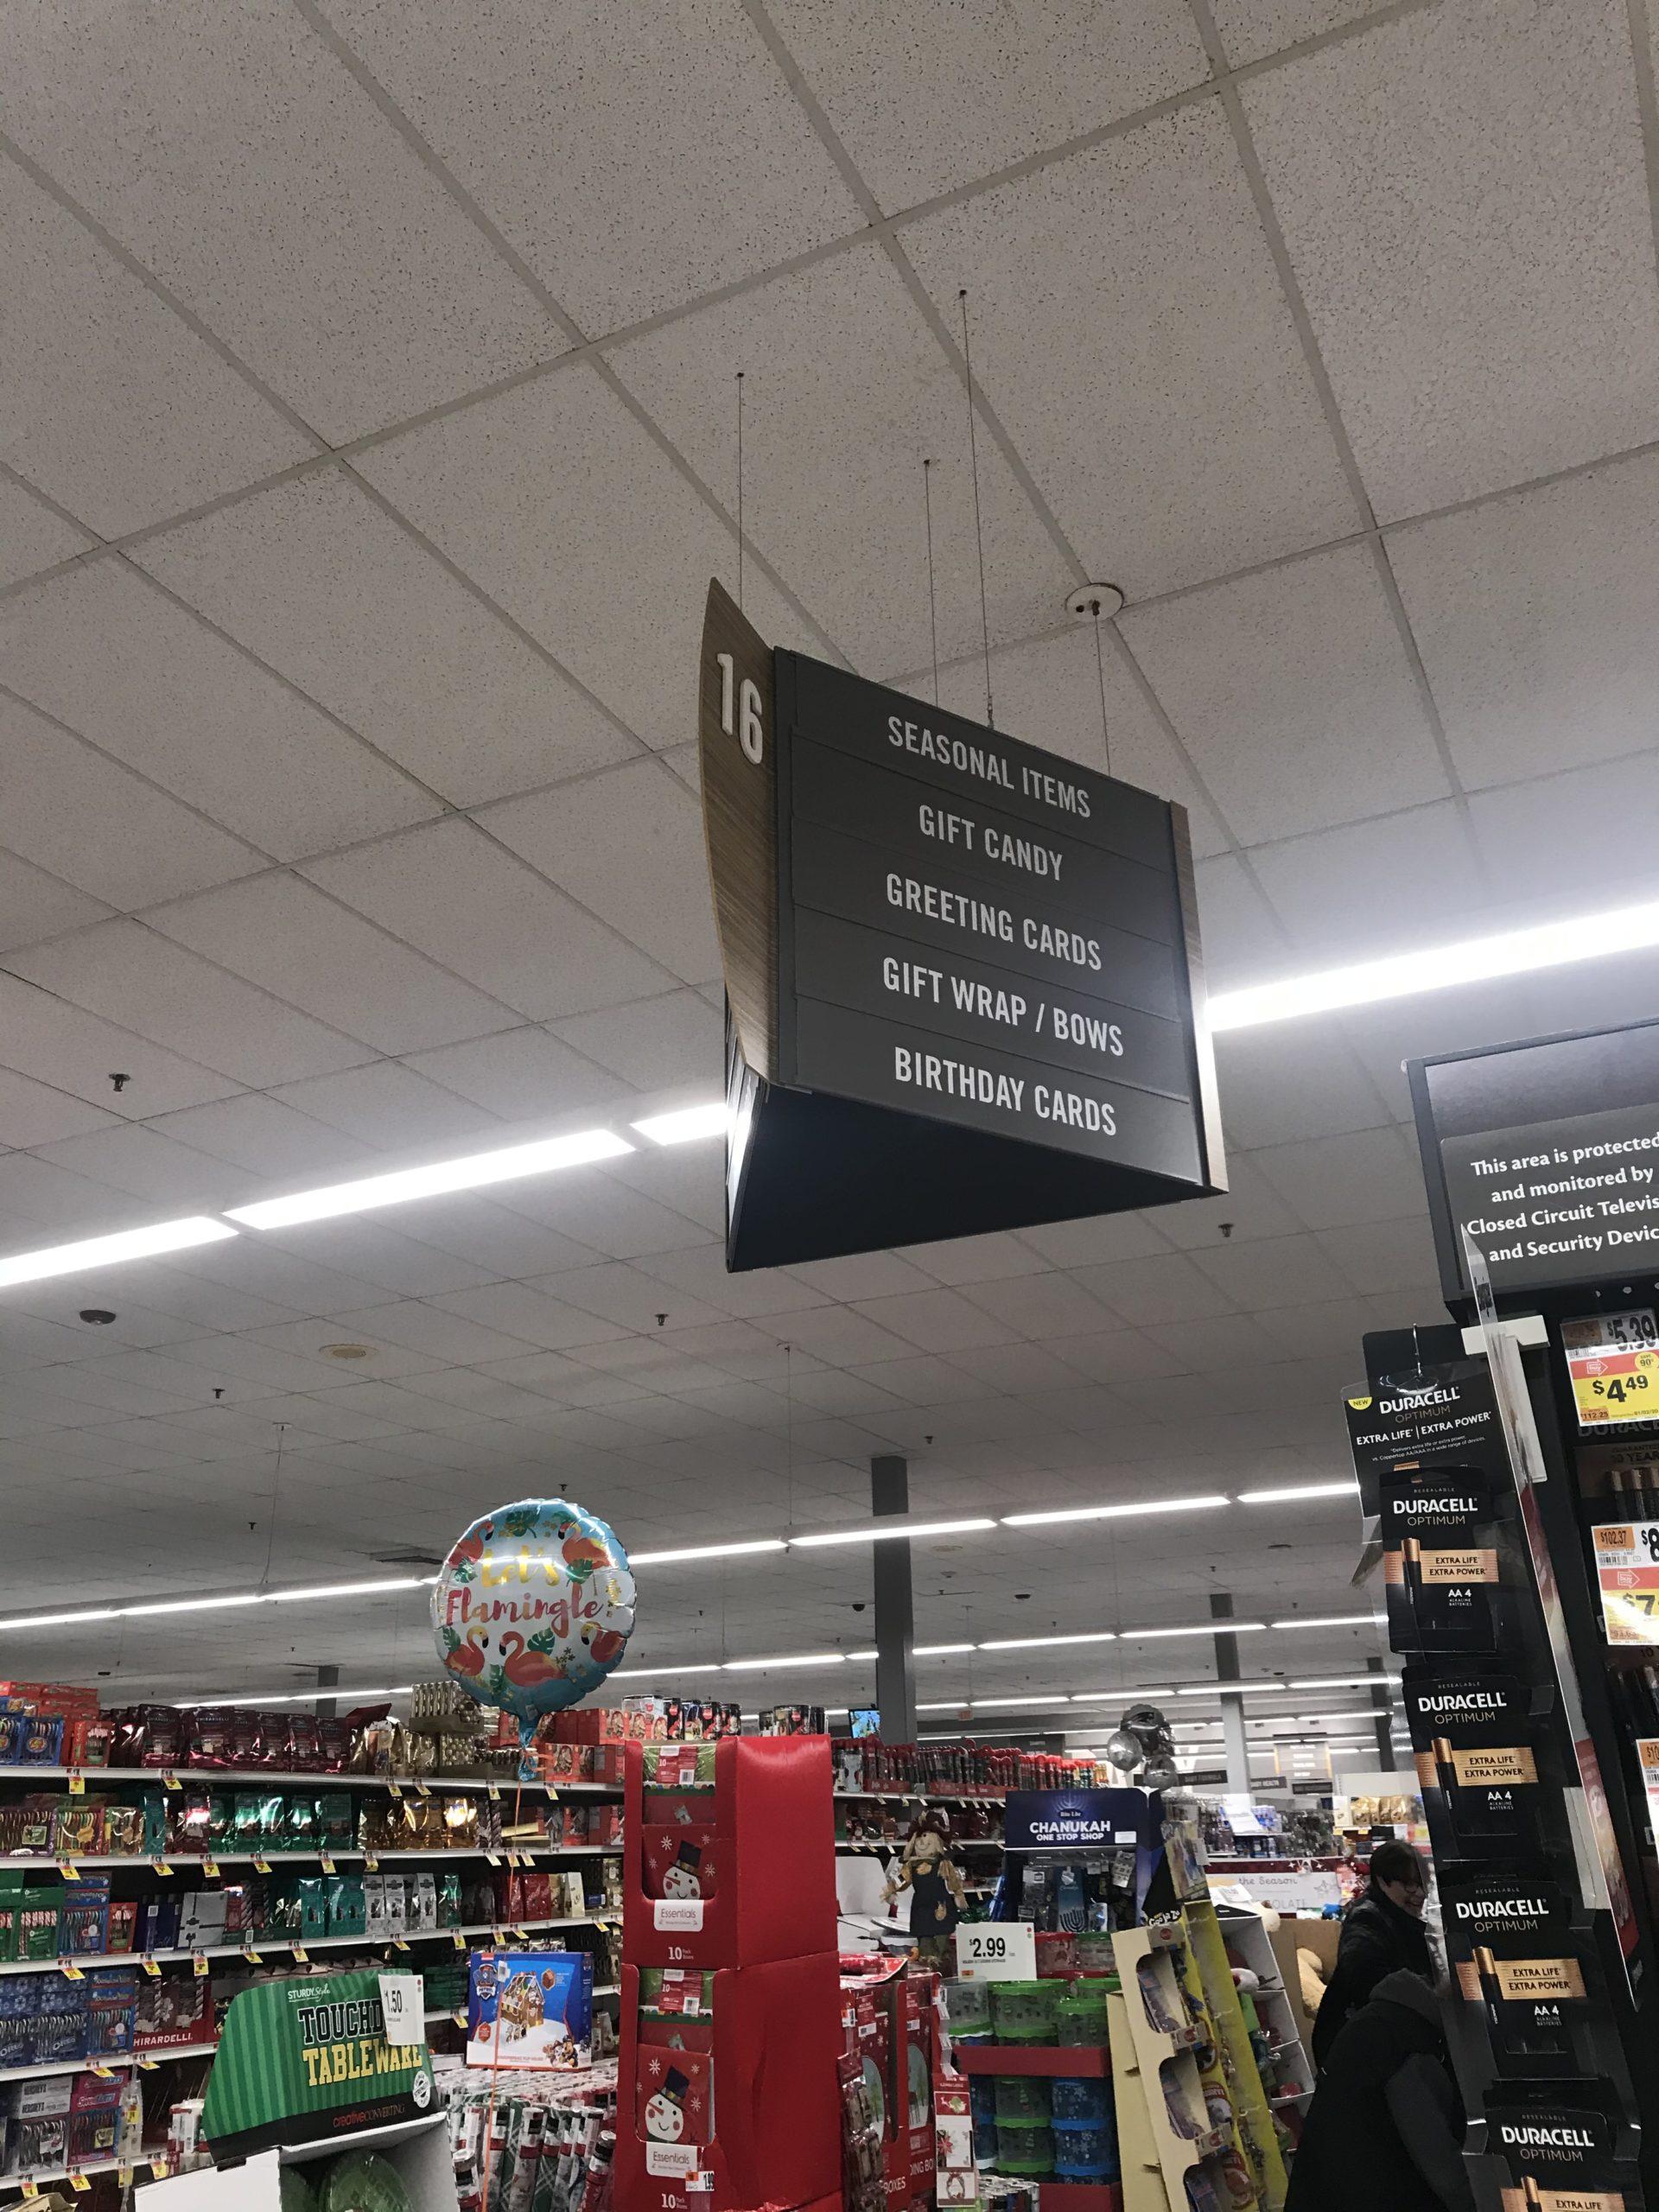 スーパー(Stop&Shop)のギフトコーナーの写真